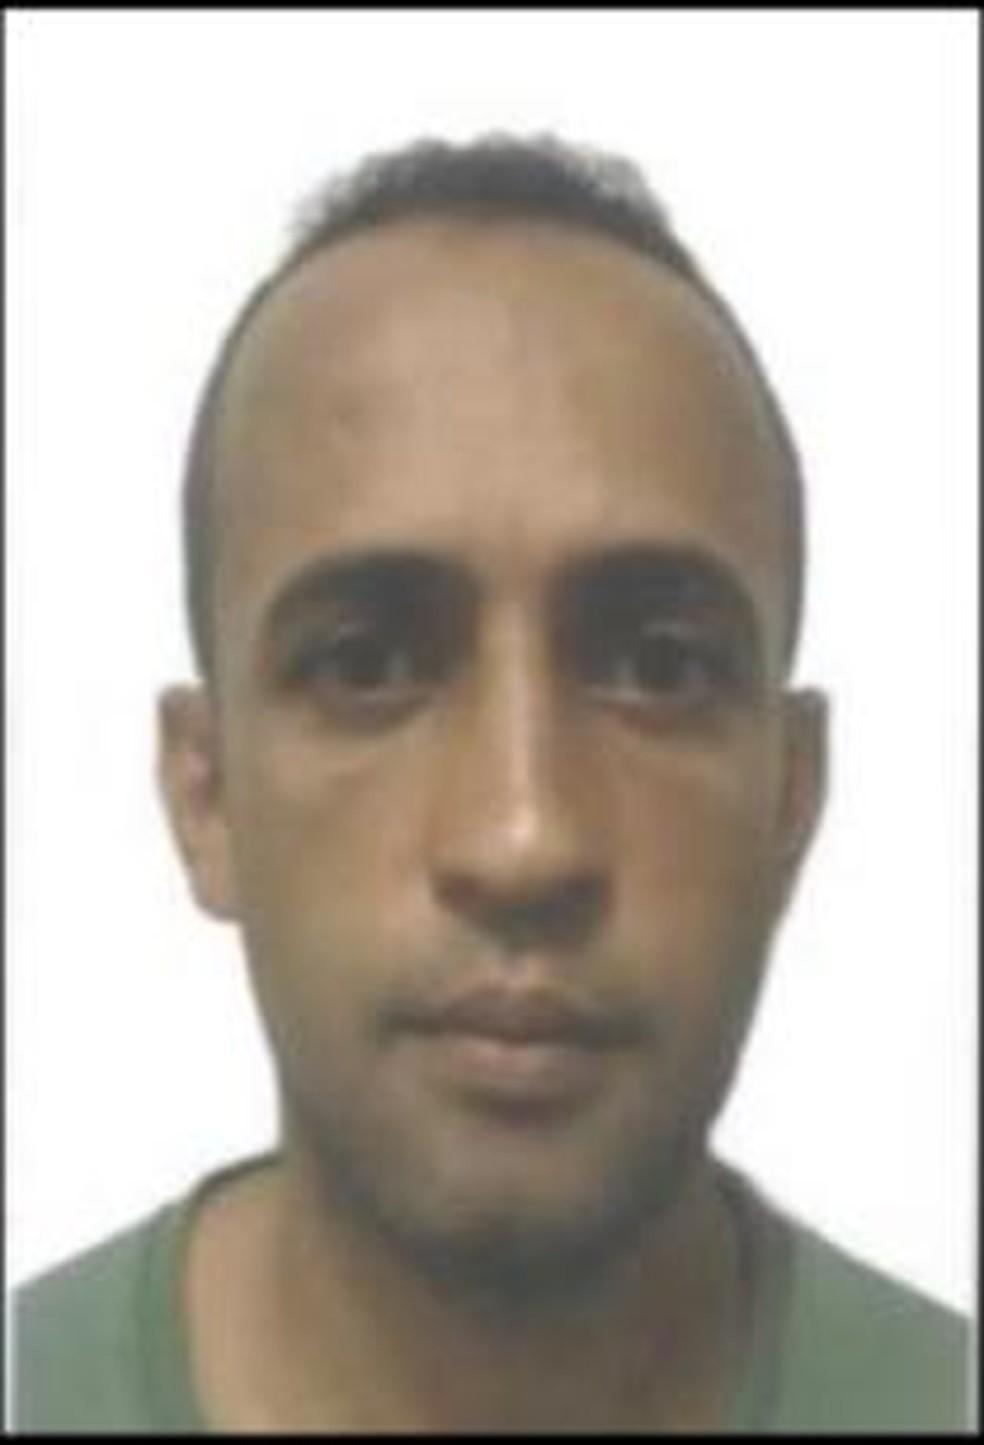 Wellington Cláudio Lucente, o Jiló, teve o celular apreendido. Apreensão ajudou nas investigações — Foto: Divulgação/Polícia Civil